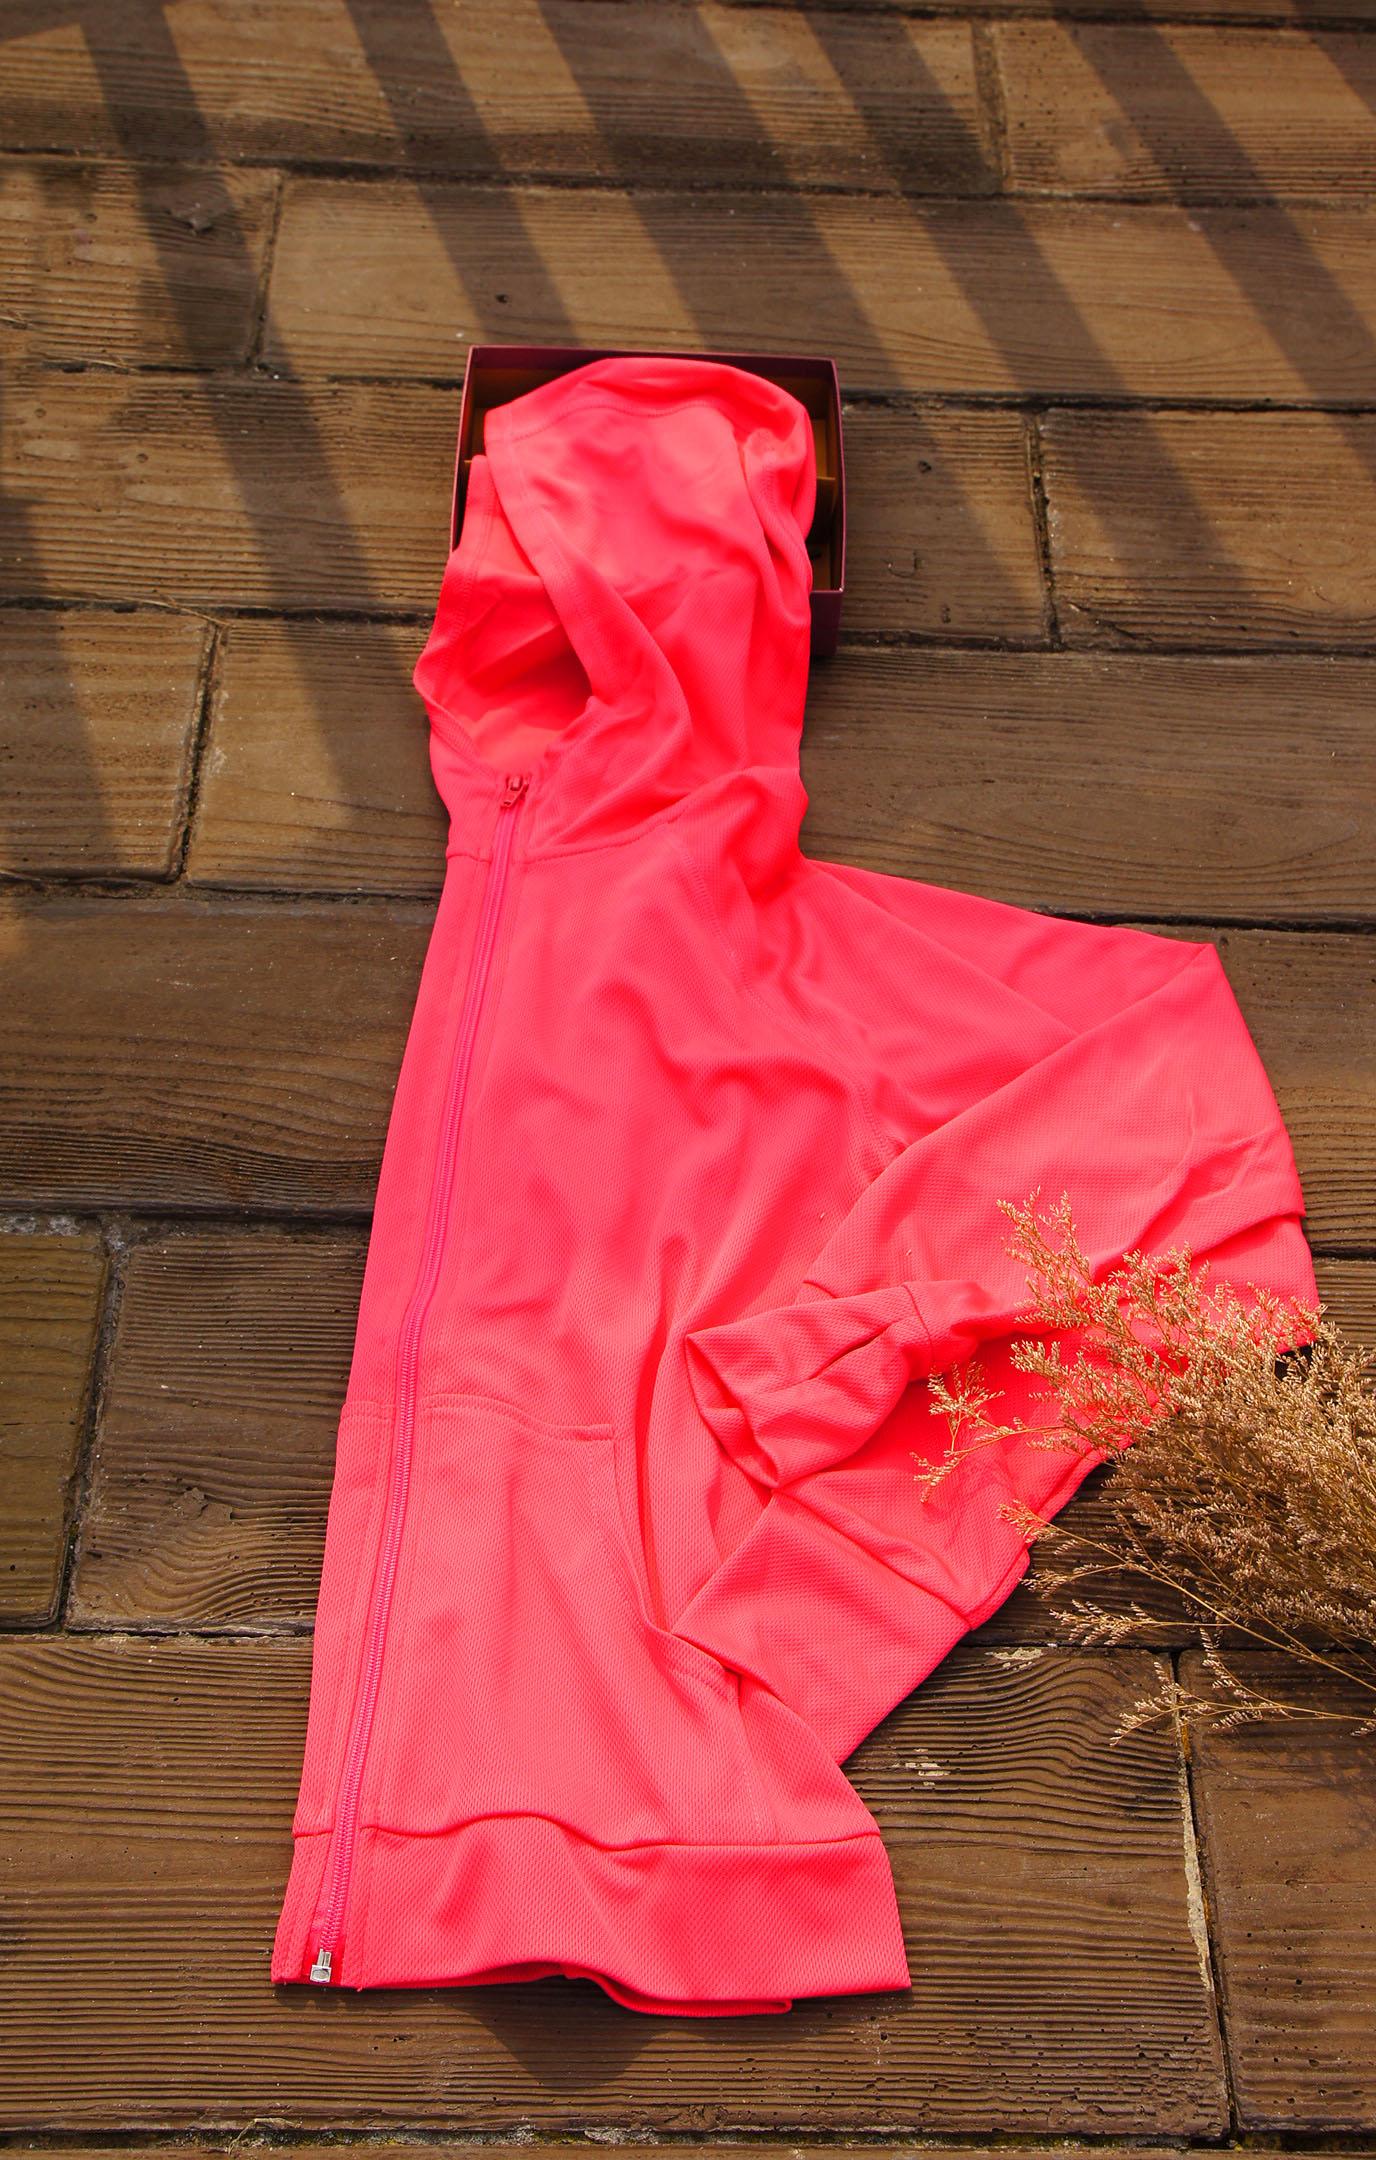 女外套*女裝*機能外套【防蚊防曬女外套*騎機車的防護衣*便宜,輕便,時髦流行*大號的男性也可穿】 2